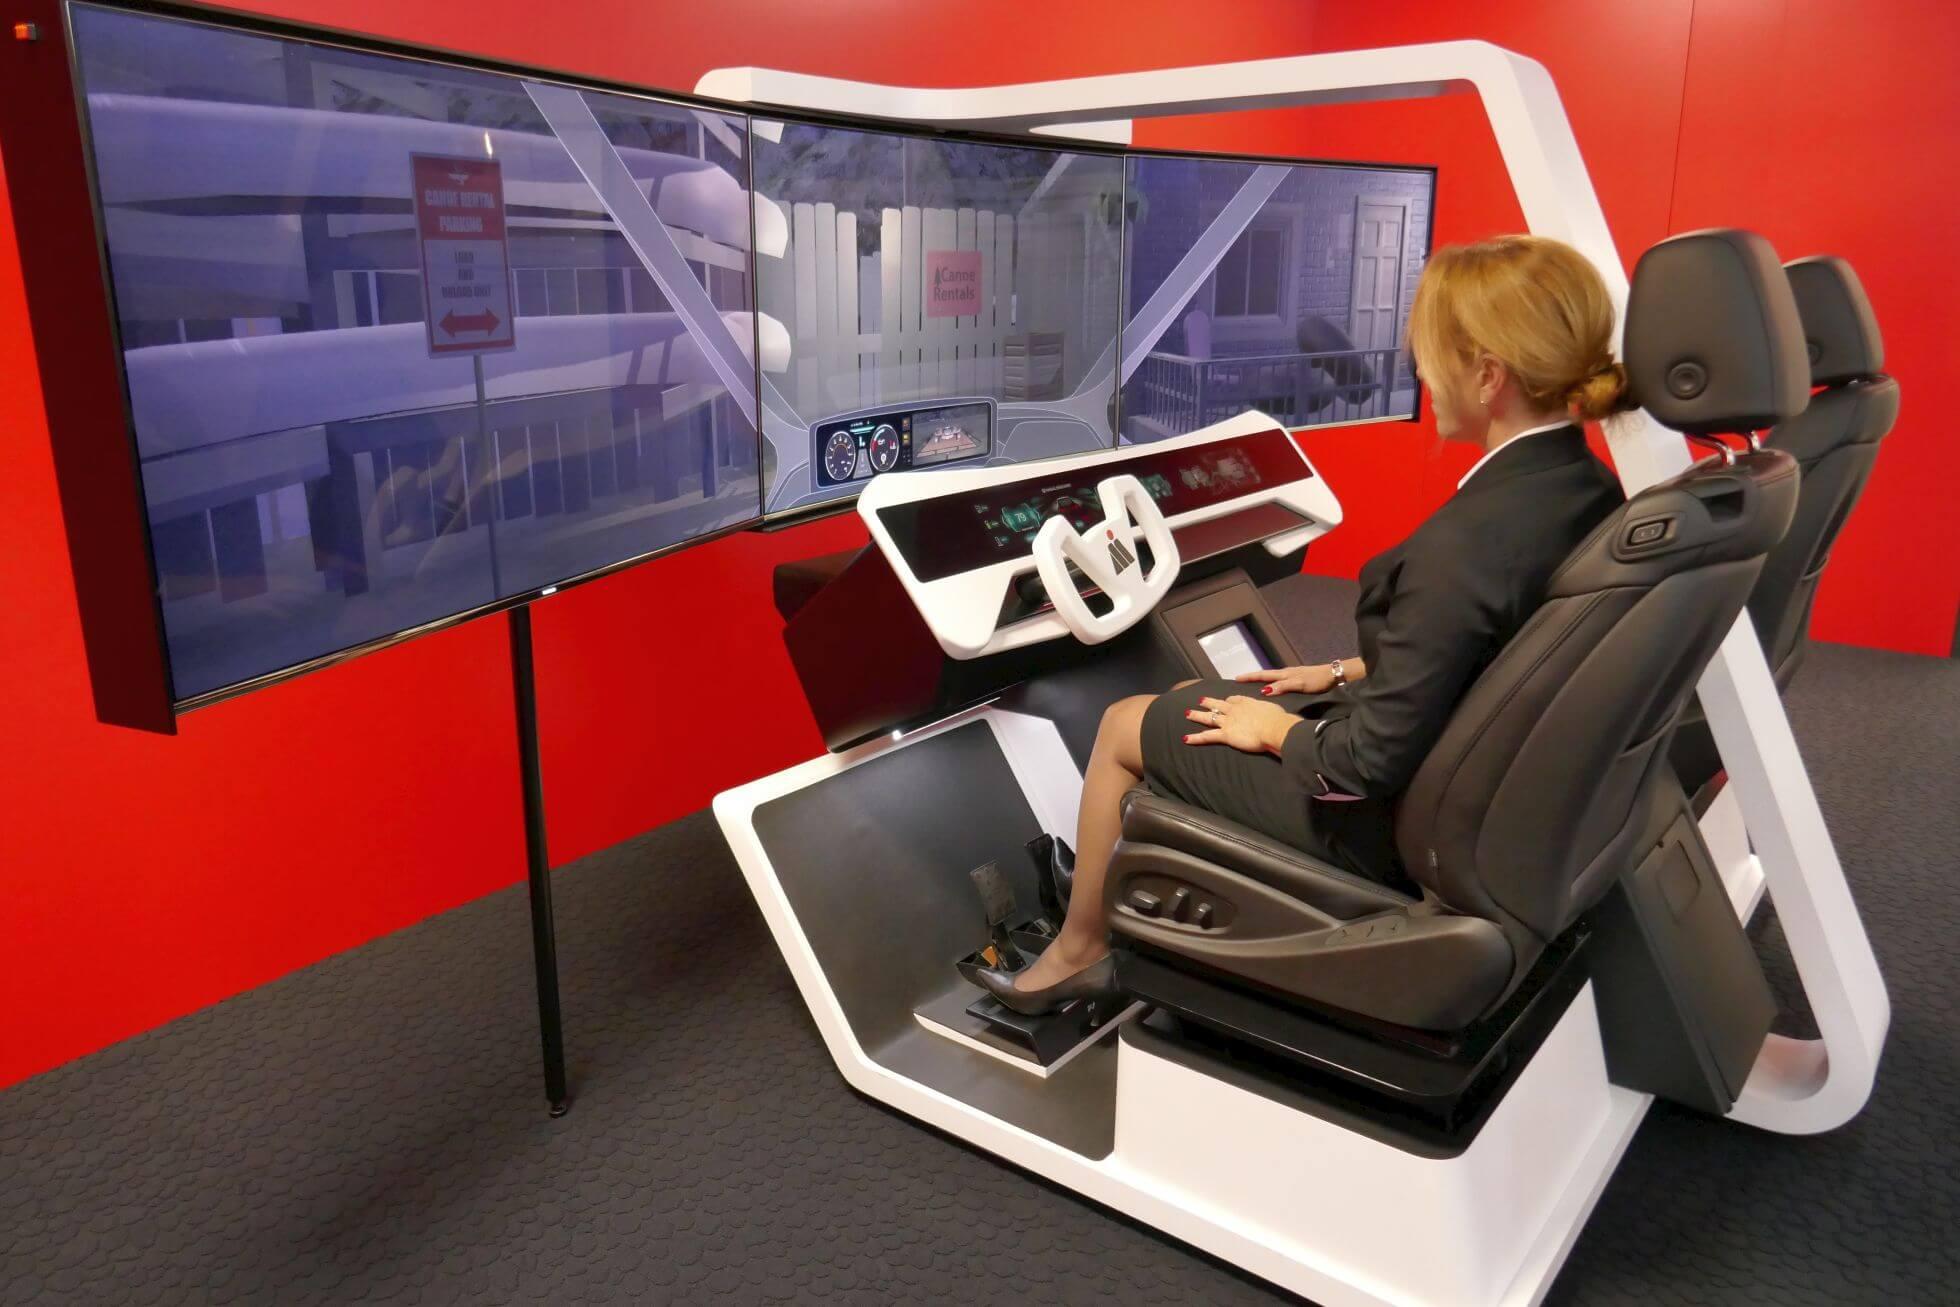 Für den Heimgebrauch vielleicht einen Tick zu groß: Fahrerassistenz-Simulator für autonomes Fahren mit verschiedenen ADAS-Technologien von Magna..